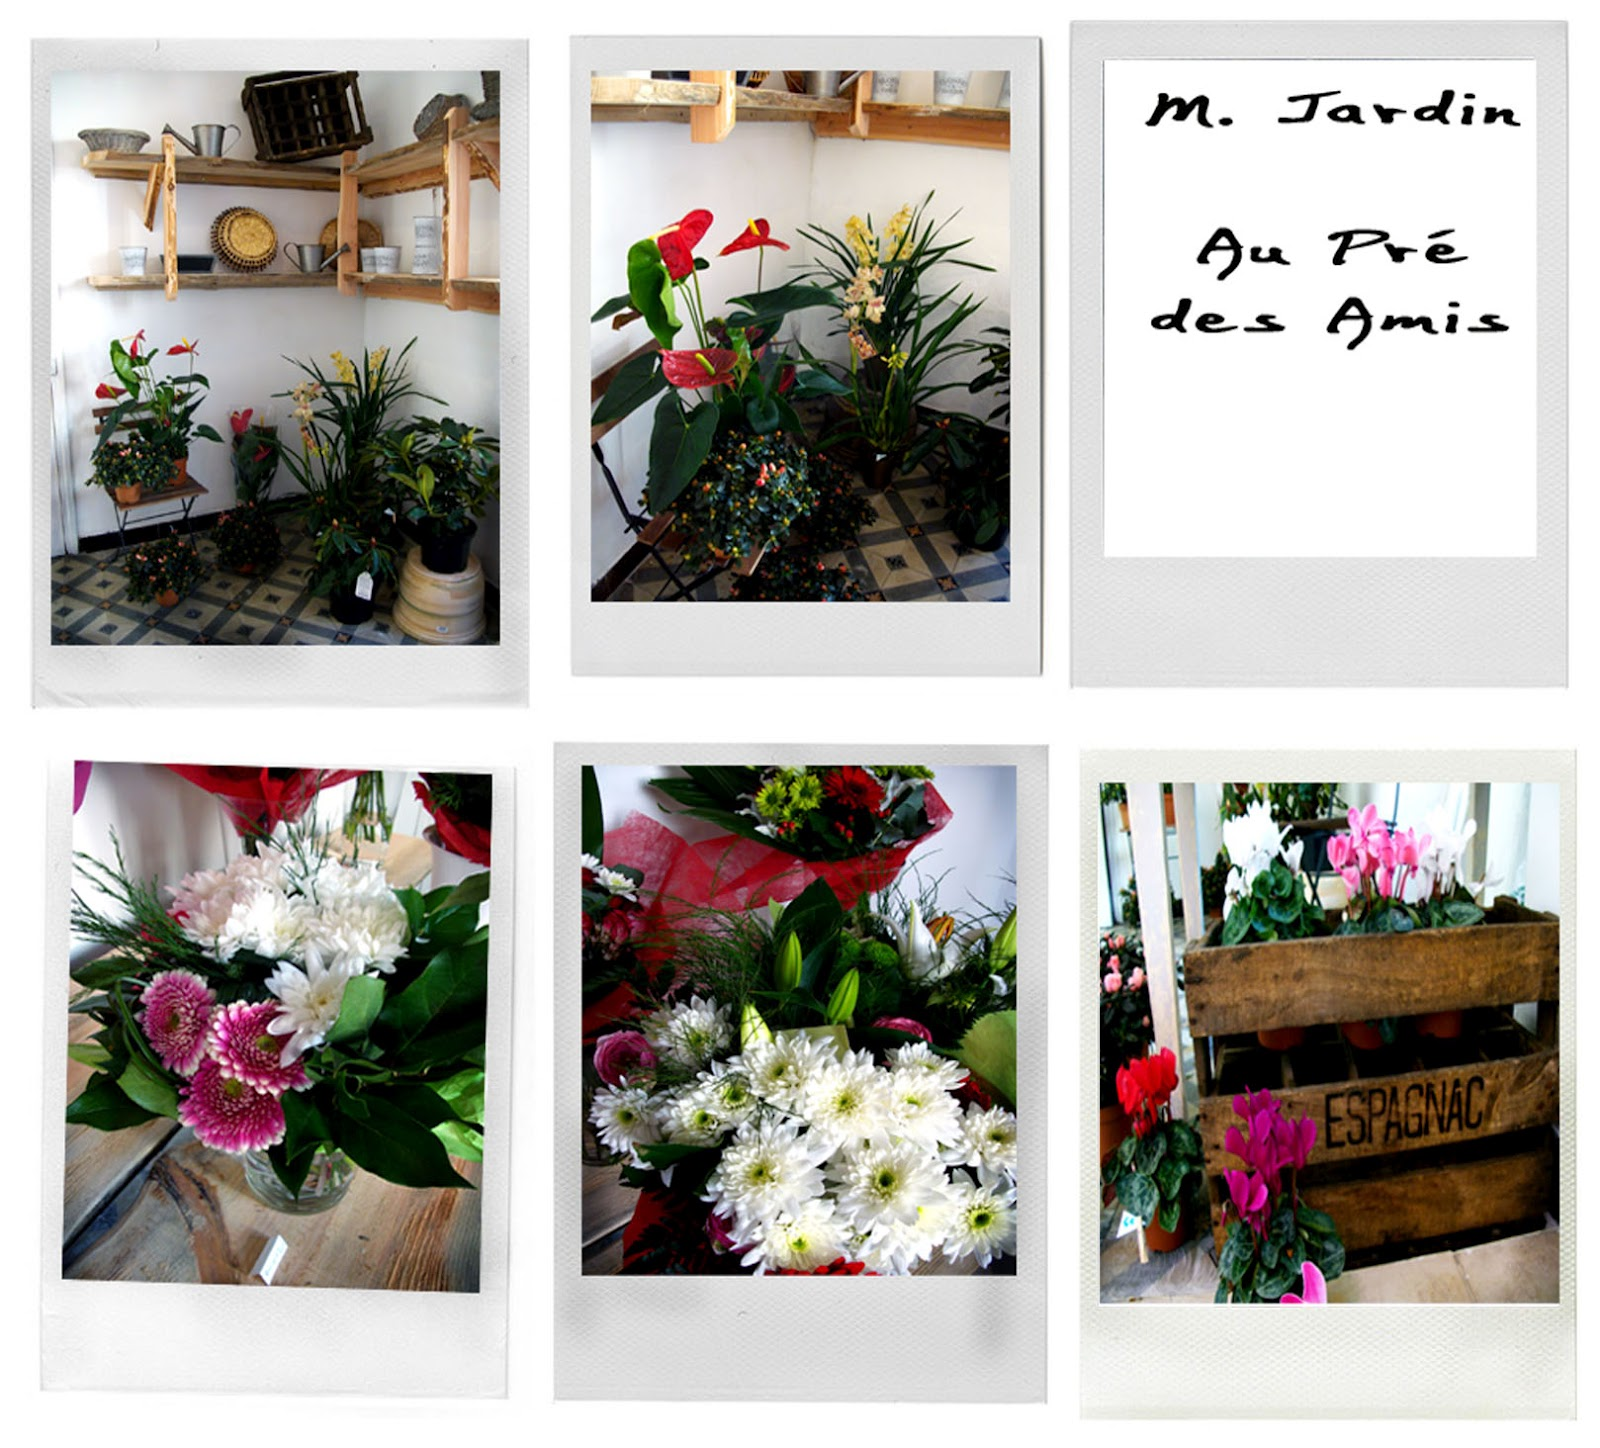 Fleurs plantes etc au pr des amis la boutique for Au jardin des amis